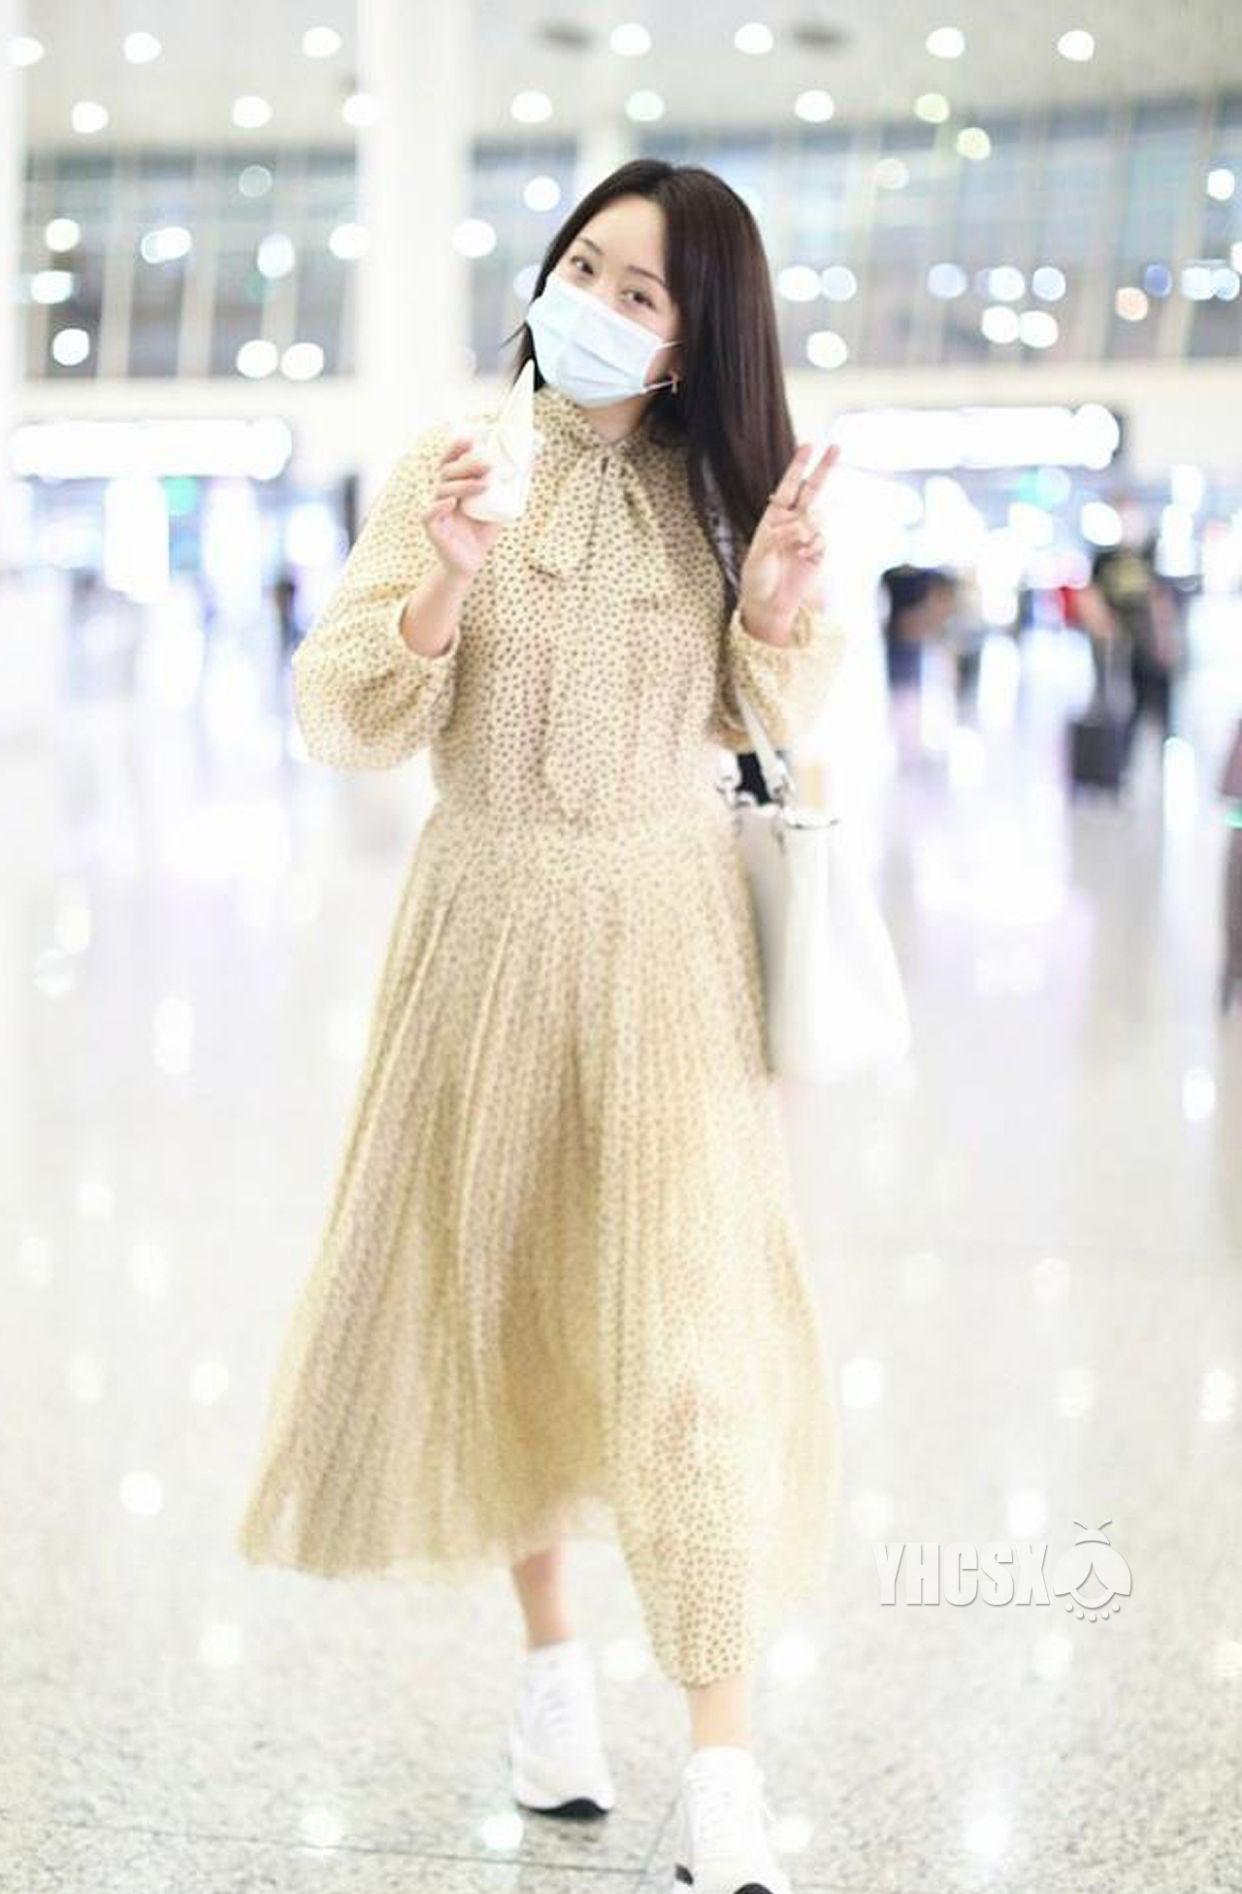 杨钰莹现身深圳宝安机场,穿波点纱裙气质甜美,歪头甜笑很暖萌